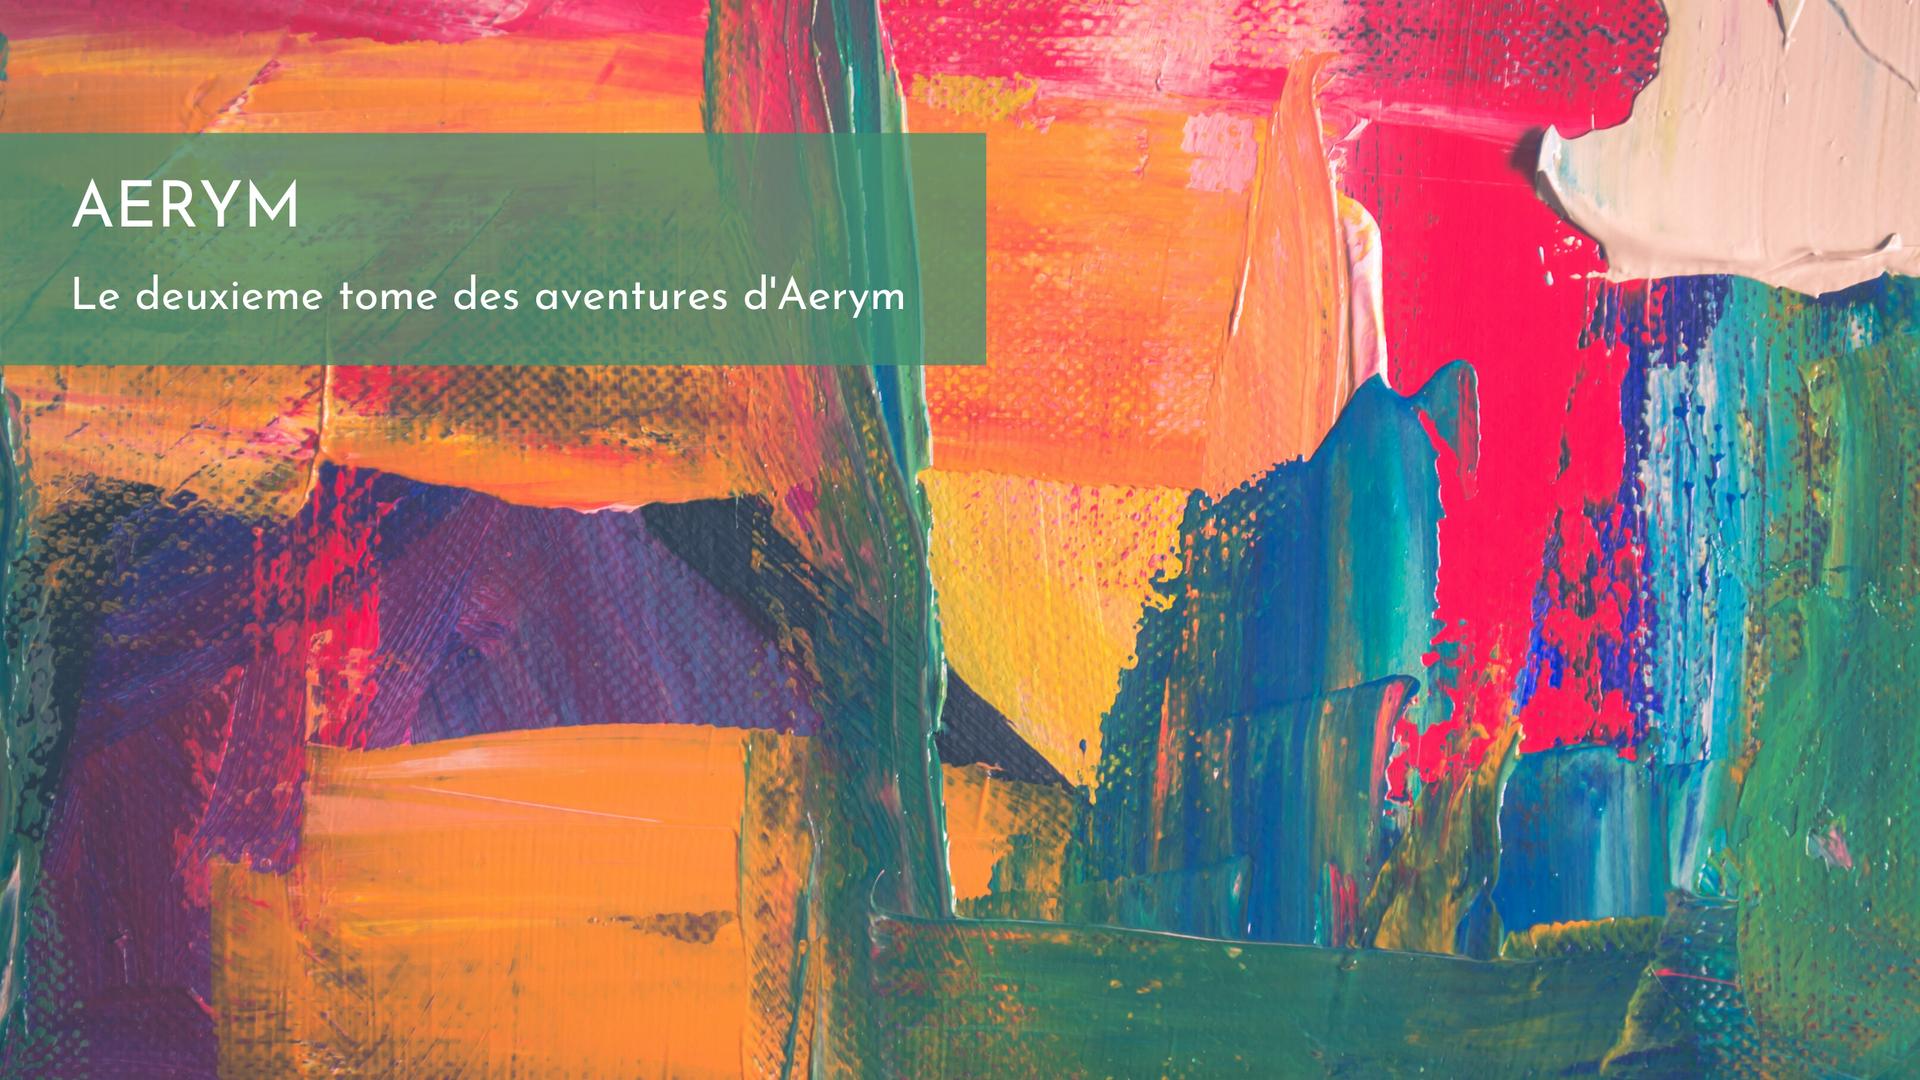 Aerym - la ville aux 1000 couleurs